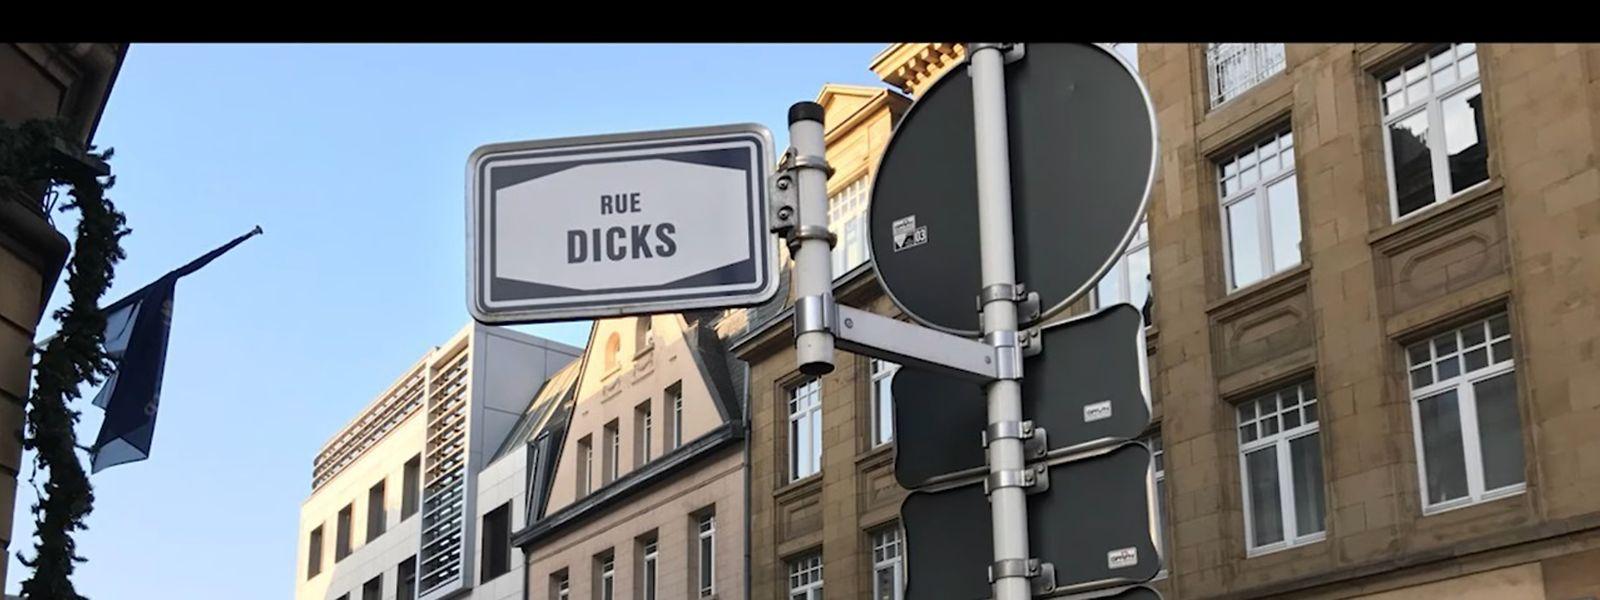 In dem Video macht sich das Team rund um Ben Olinger unter anderem über die vielen Straßen lustig, die Rue Dicks heißen.